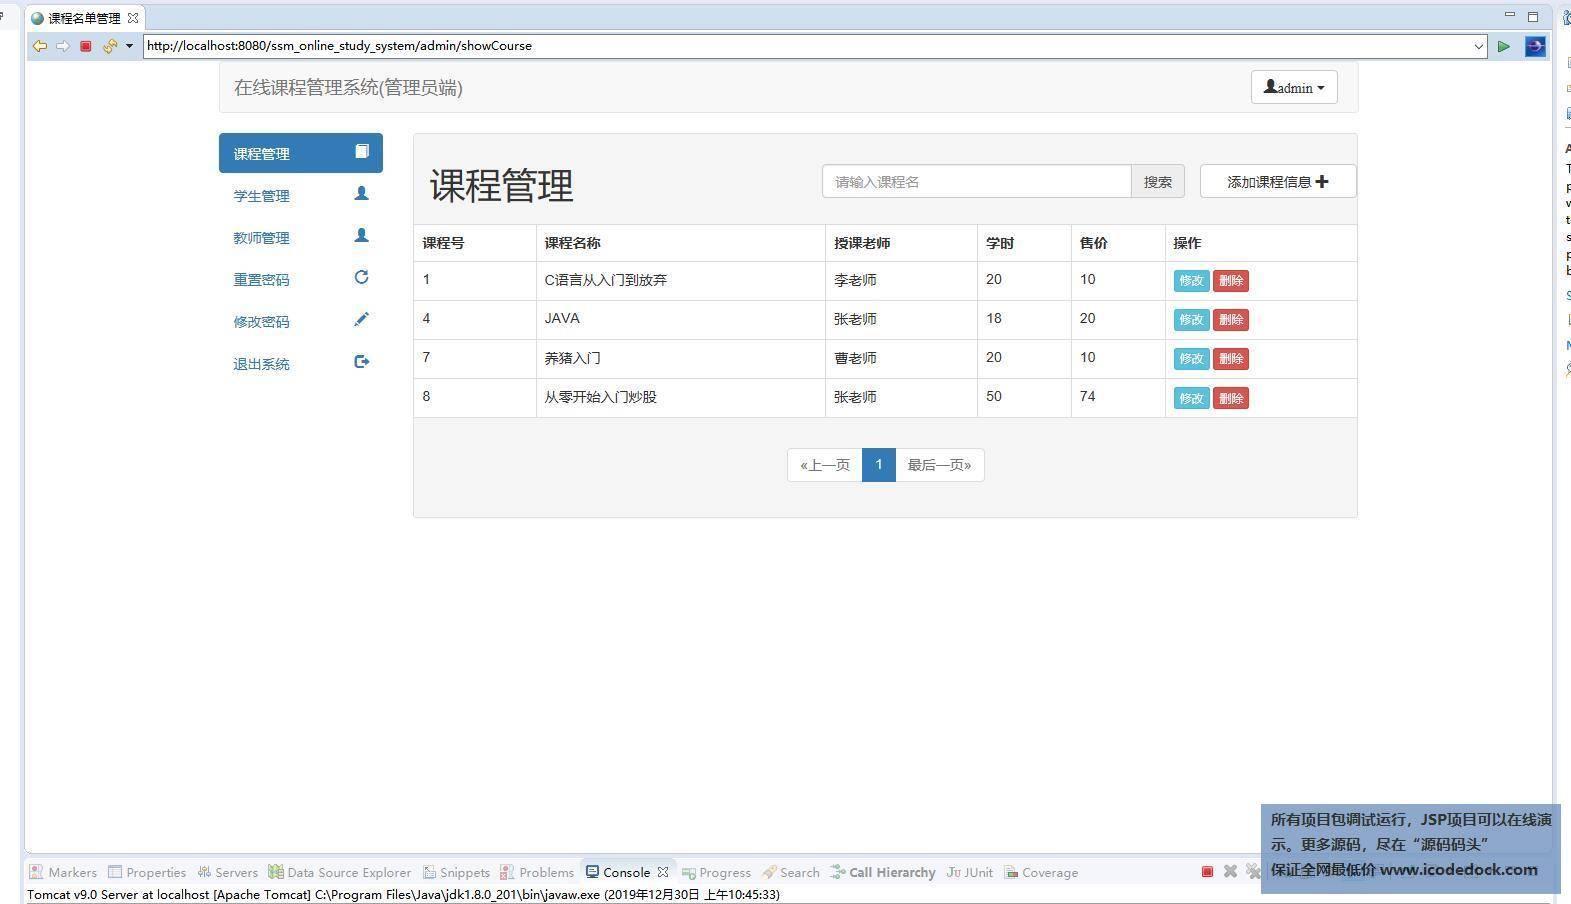 源码码头-SSM在线课程管理系统-管理员角色-课程管理